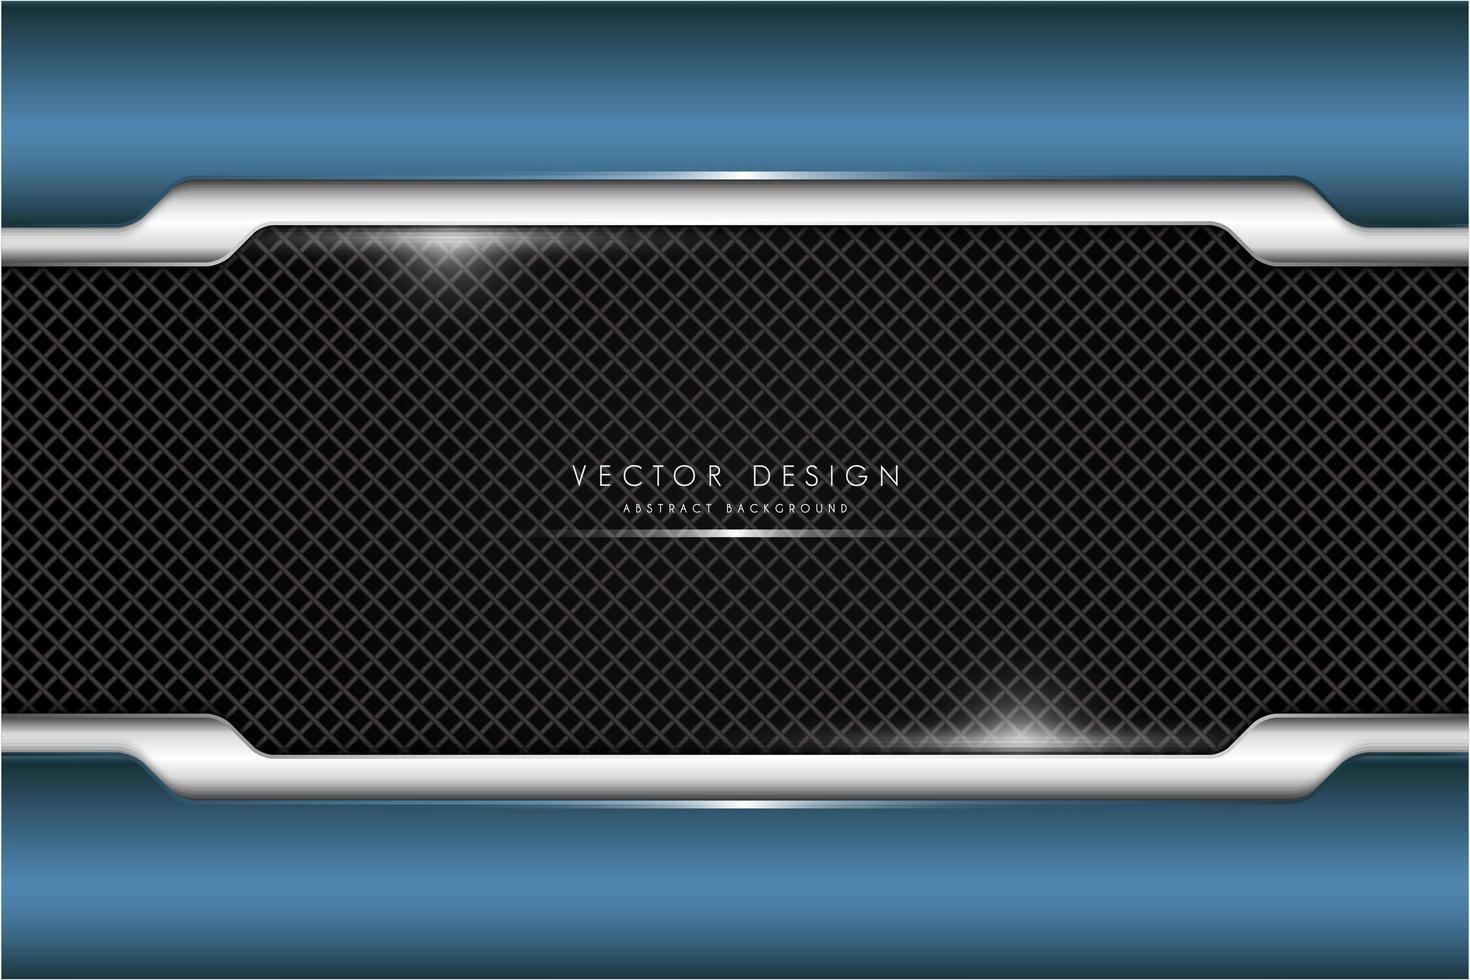 cadre métallique bleu et argenté sur motif losange vecteur